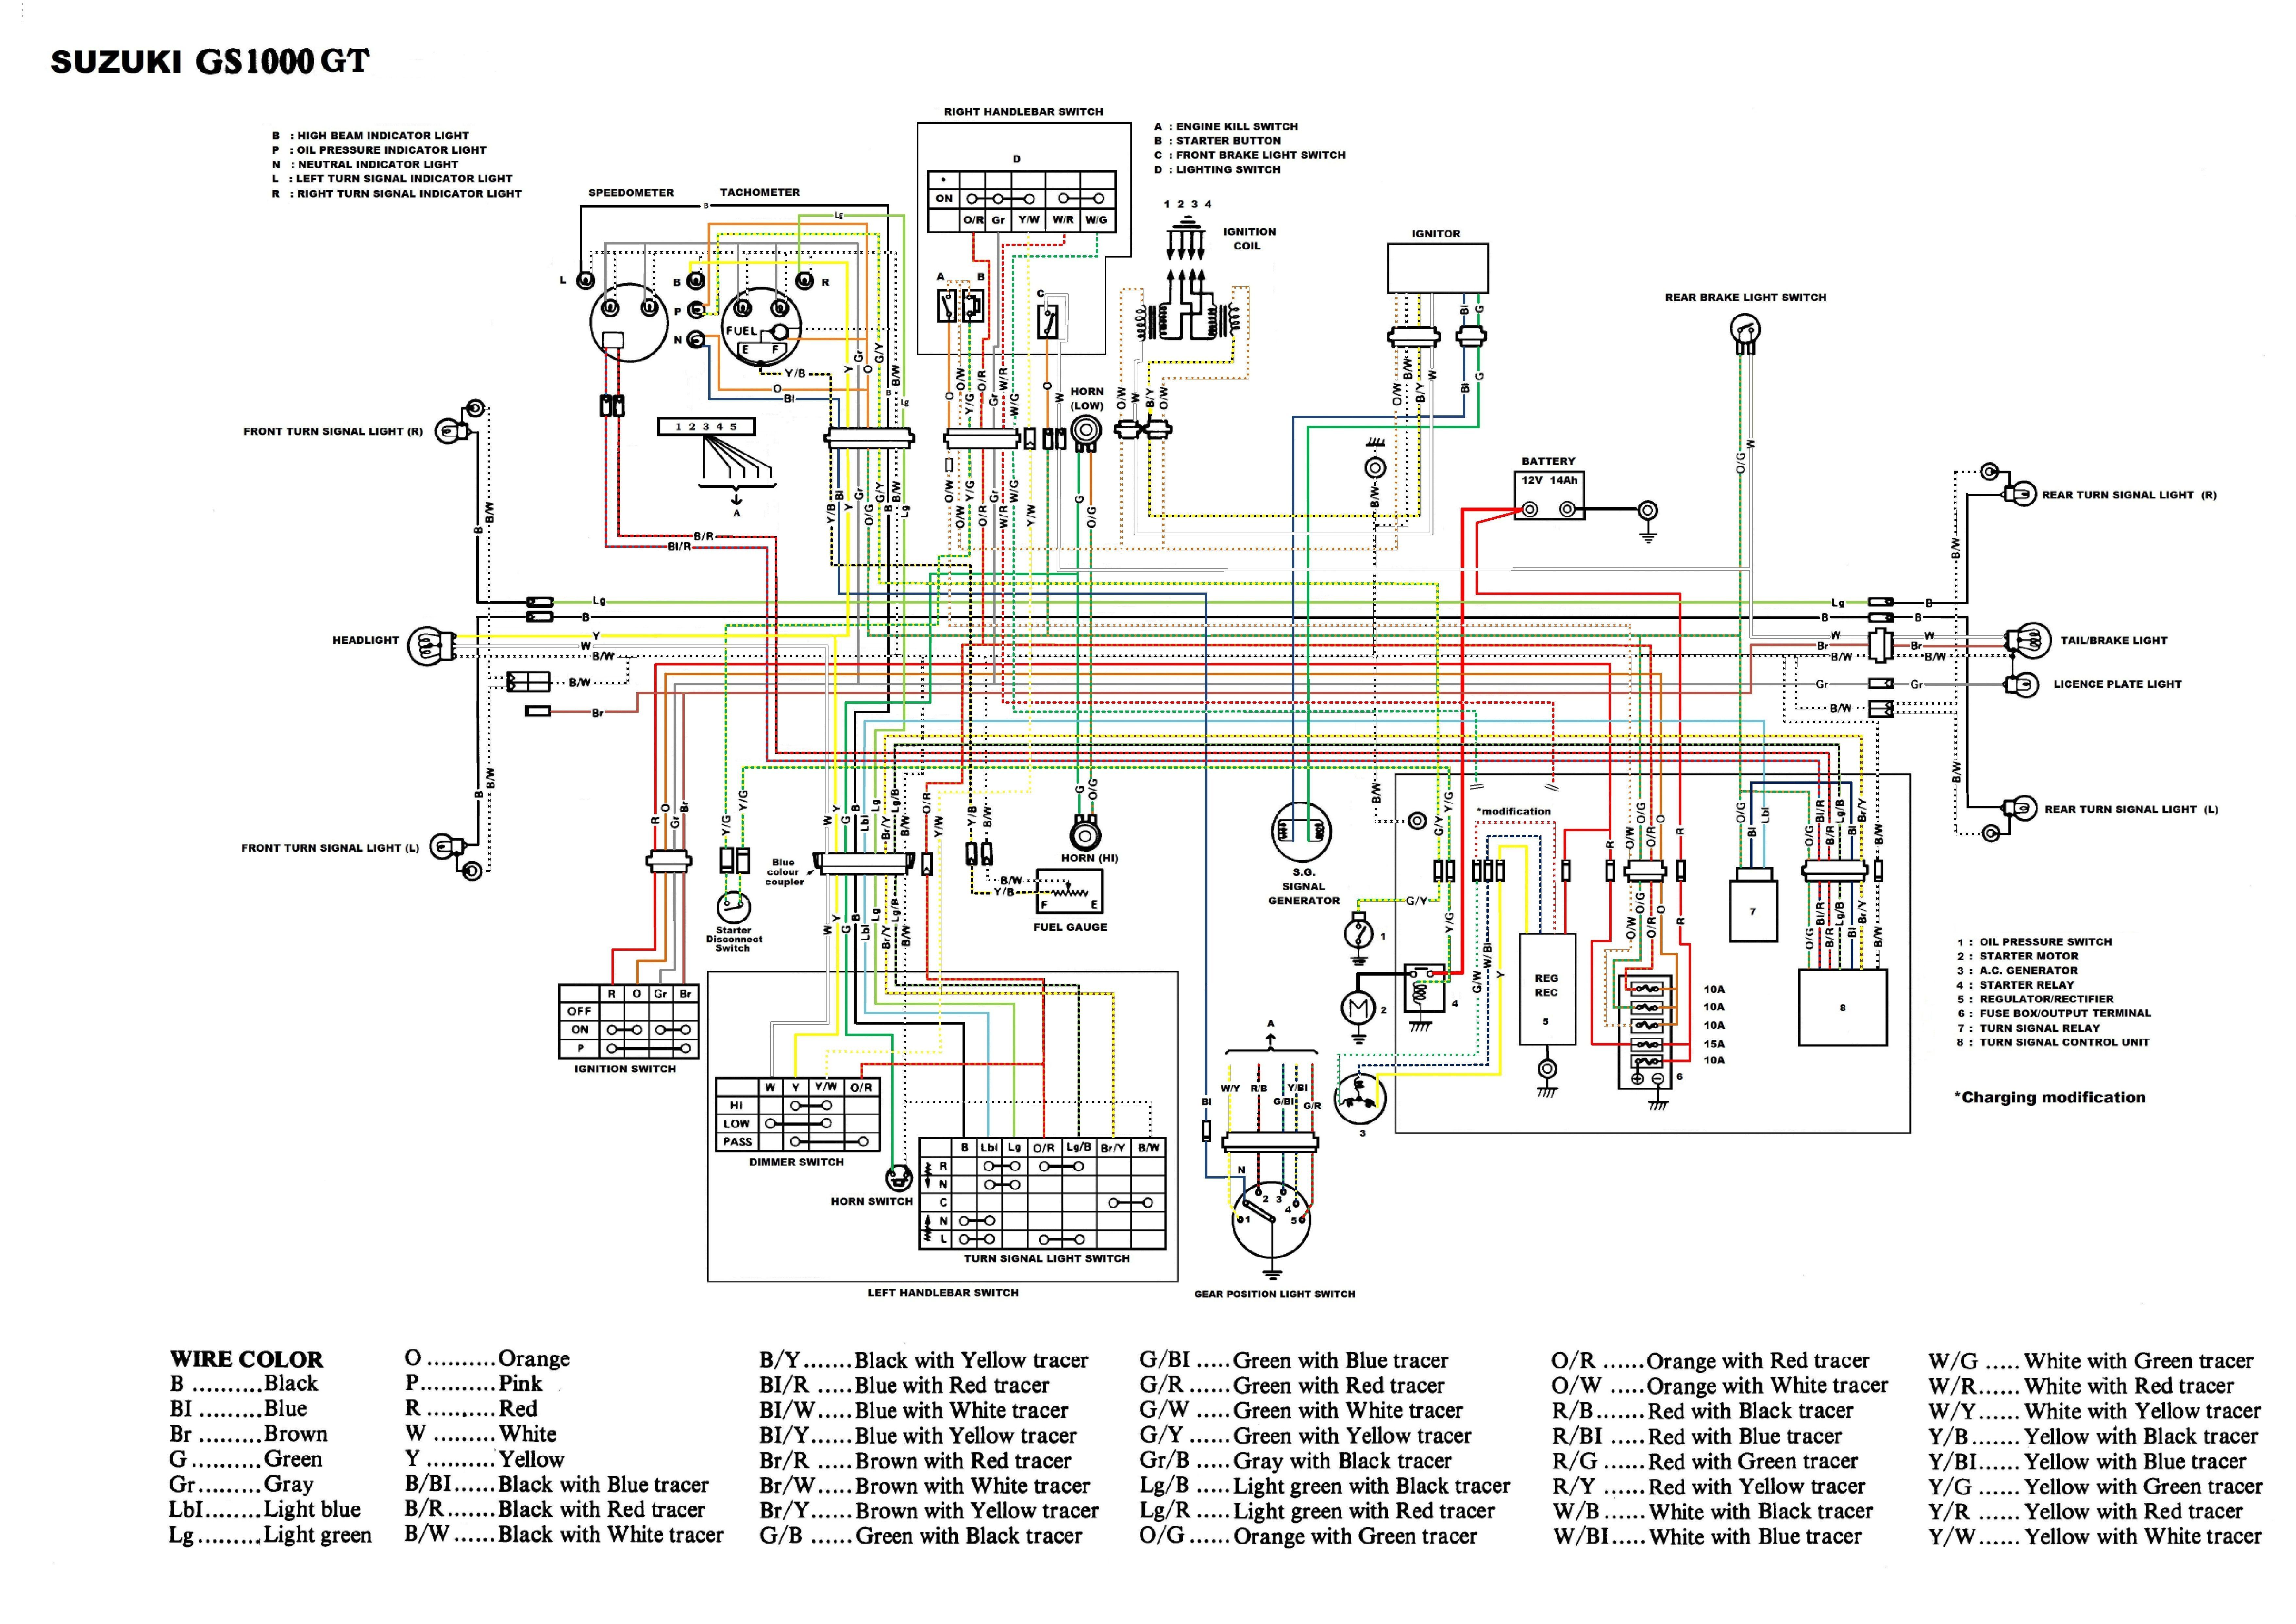 [TBQL_4184]  XR_6826] 1978 Suzuki Gs750 1981 Suzuki Gs1000 Wiring Diagram Suzuki Dr 650  2009 Schematic Wiring   Wiring Diagram For A 1977 Suzuki 550      Venet Rious Umng Rect Mohammedshrine Librar Wiring 101